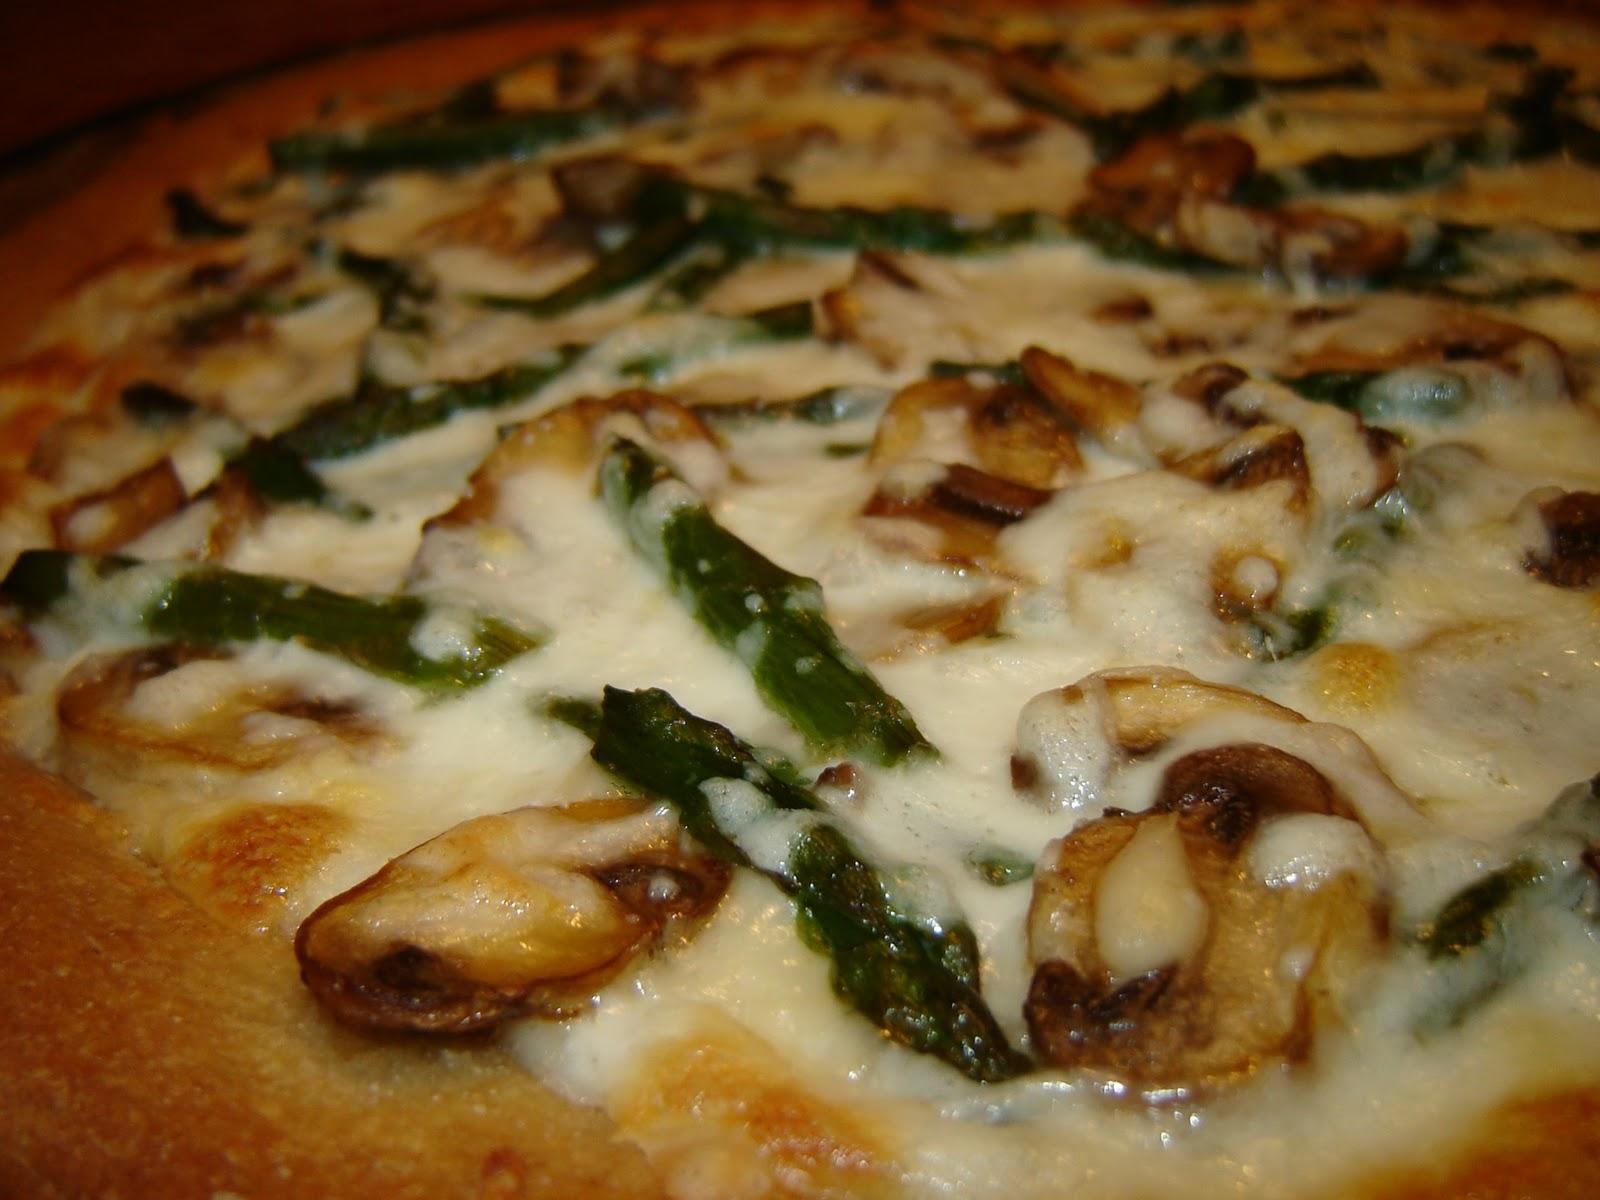 Mushroom Pizza Slice 8 oz. fresh mushrooms, sliced